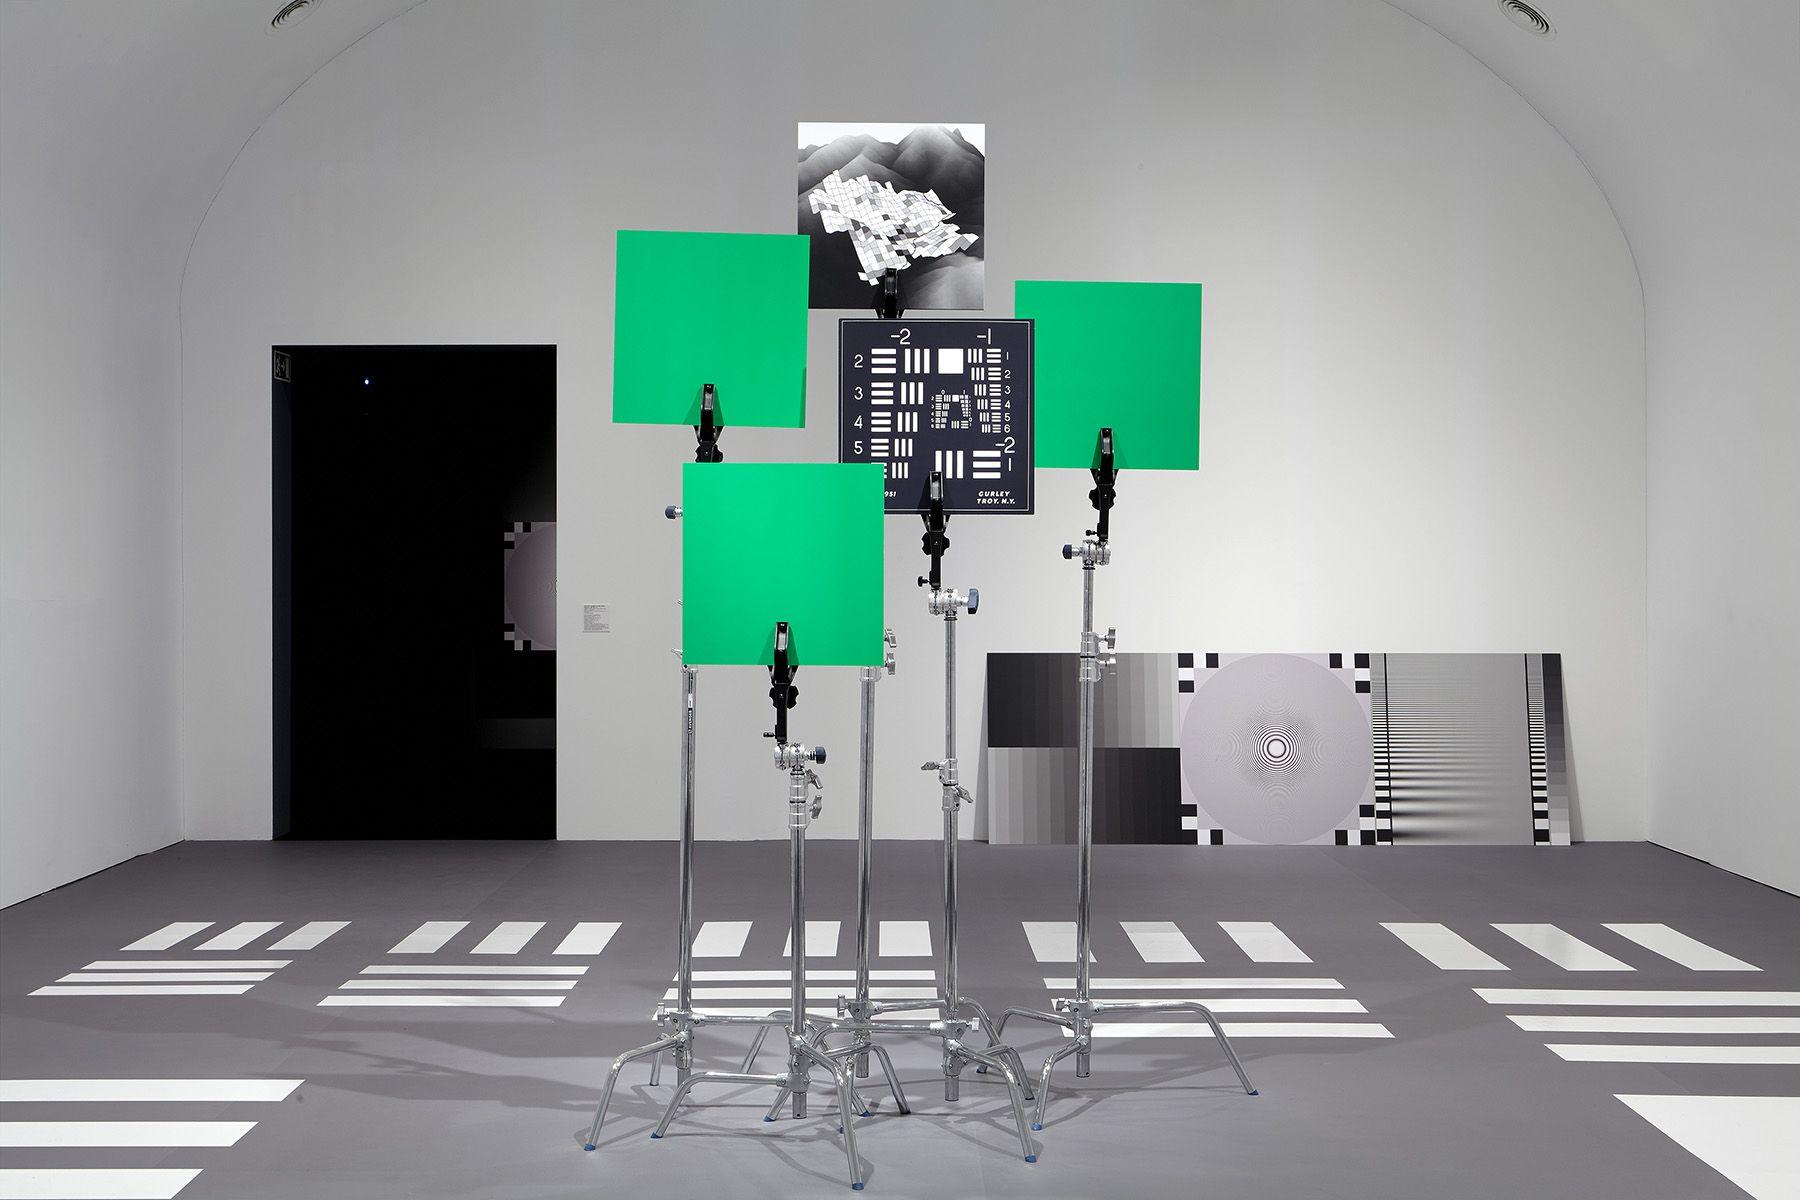 Duty-Free Art, Museo Nacional Centro de Arte Reina Sofia, MadridNovember 11, 2015 - March 21, 2016